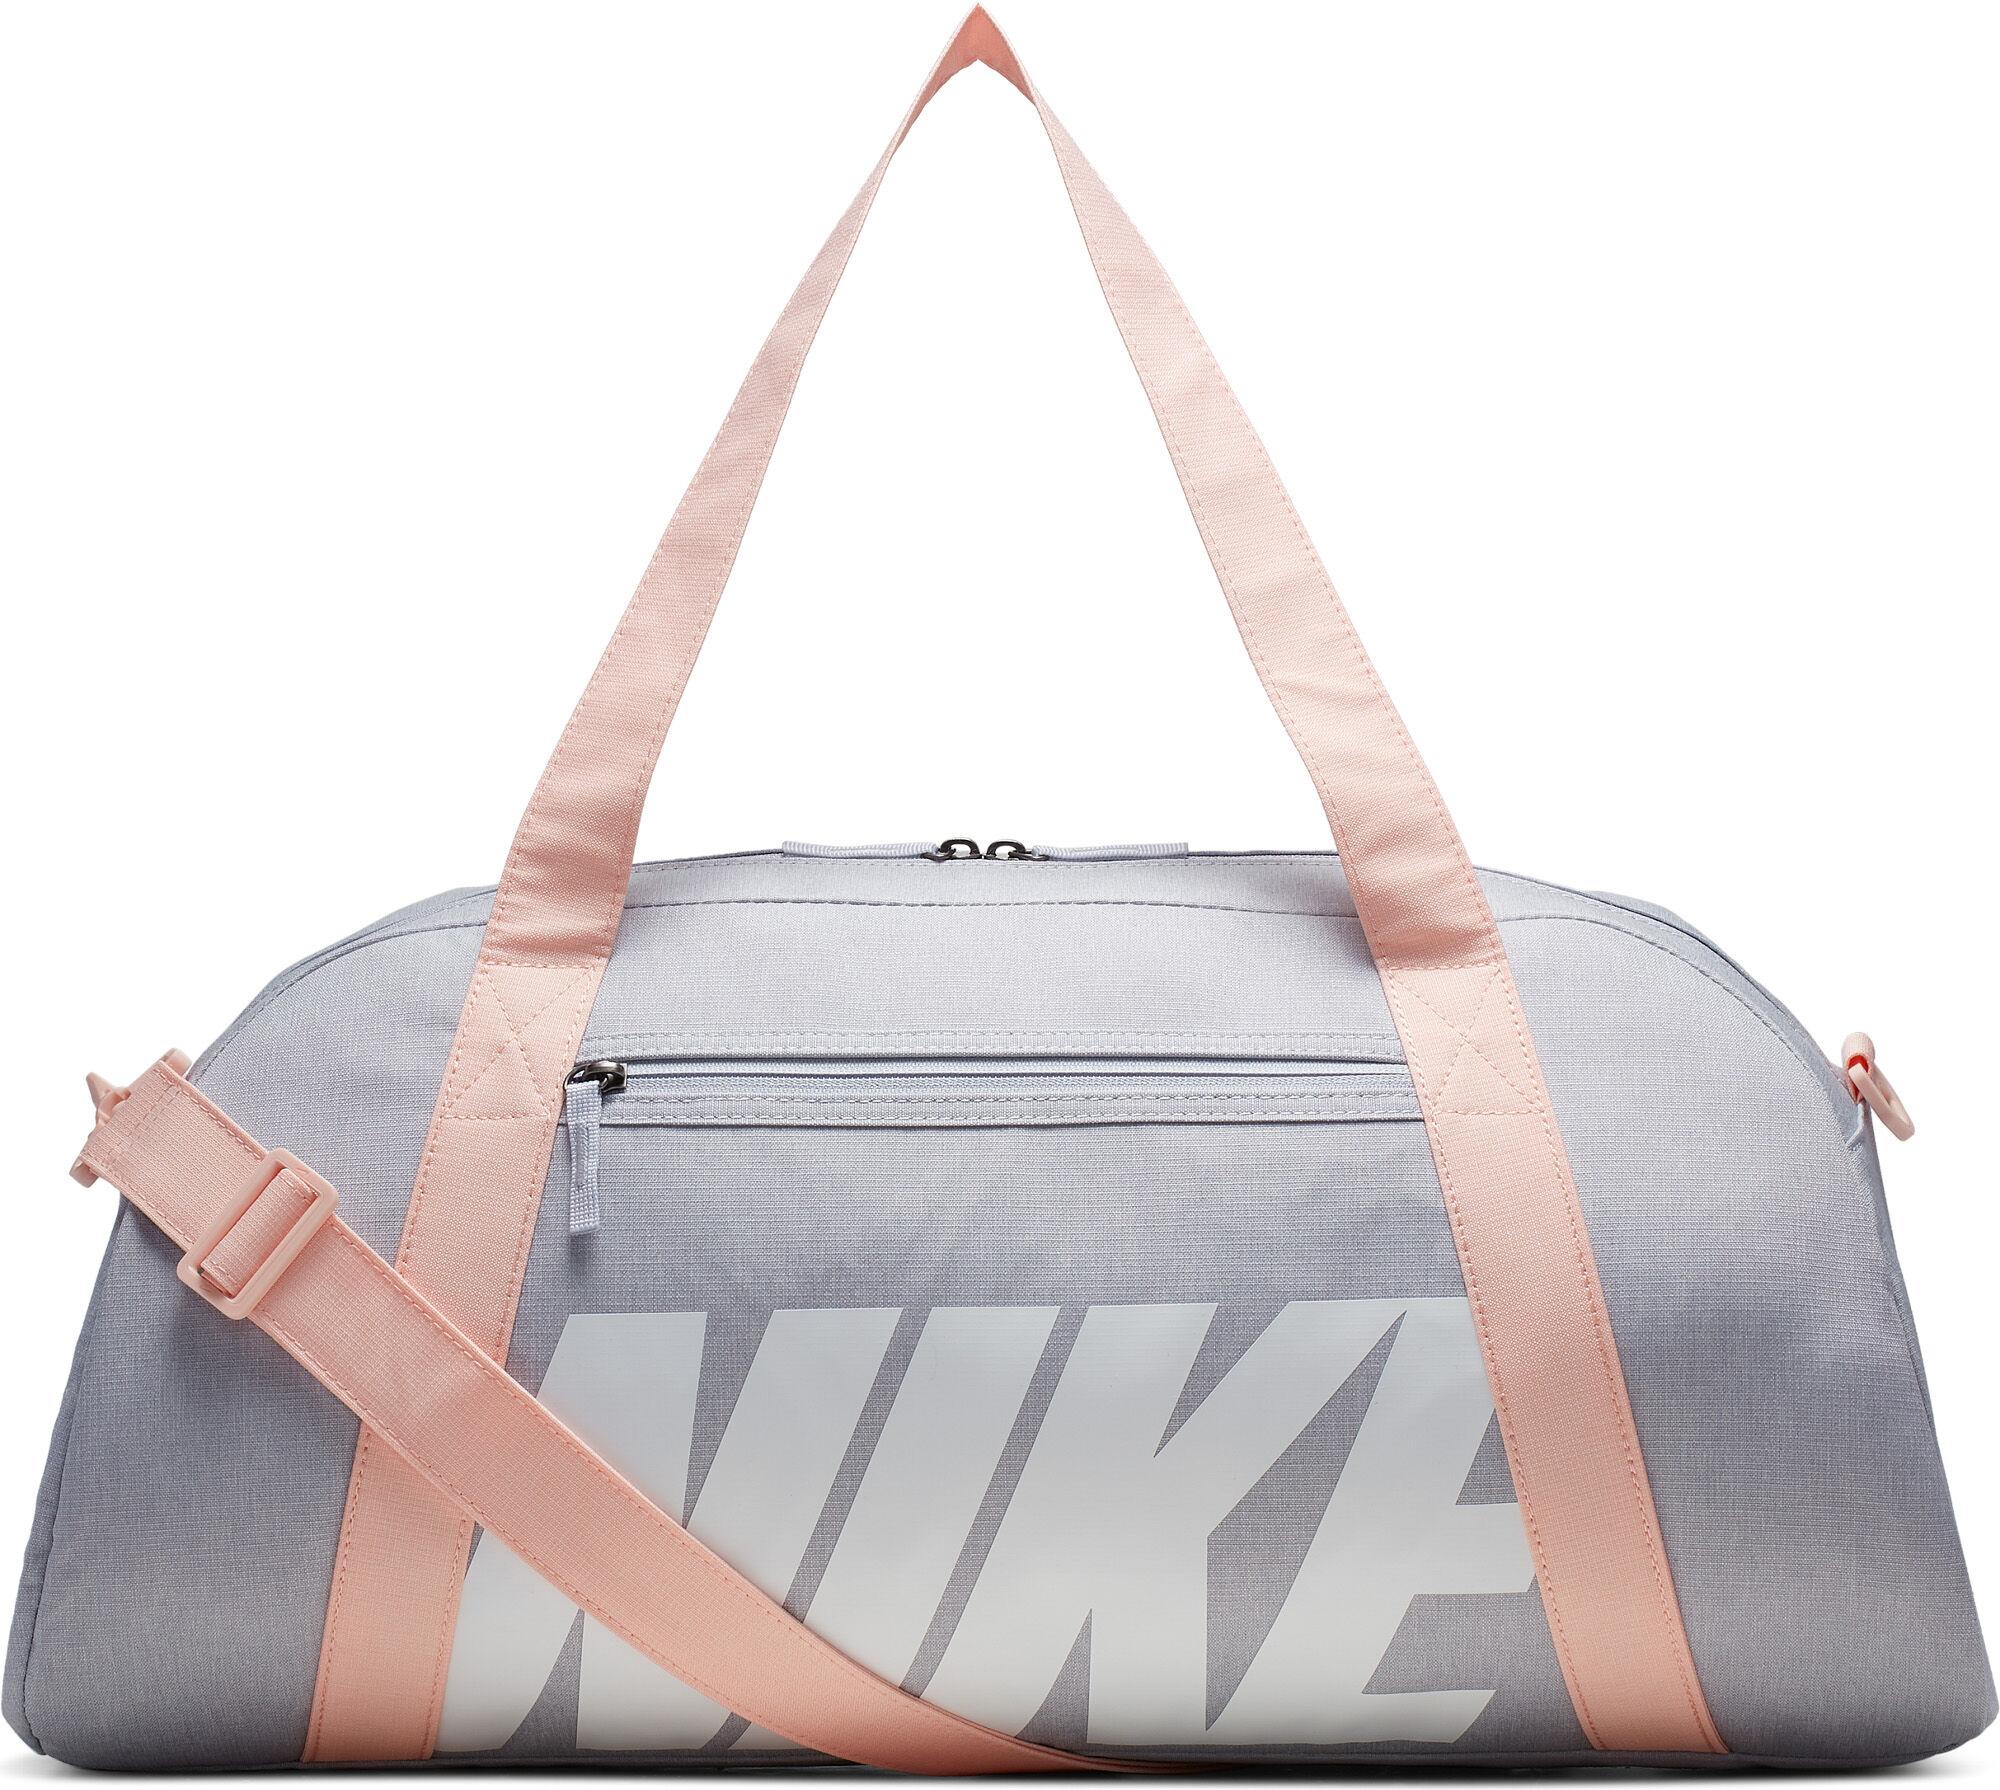 Sporttaschen online bestellen | Jetzt bei INTERSPORT